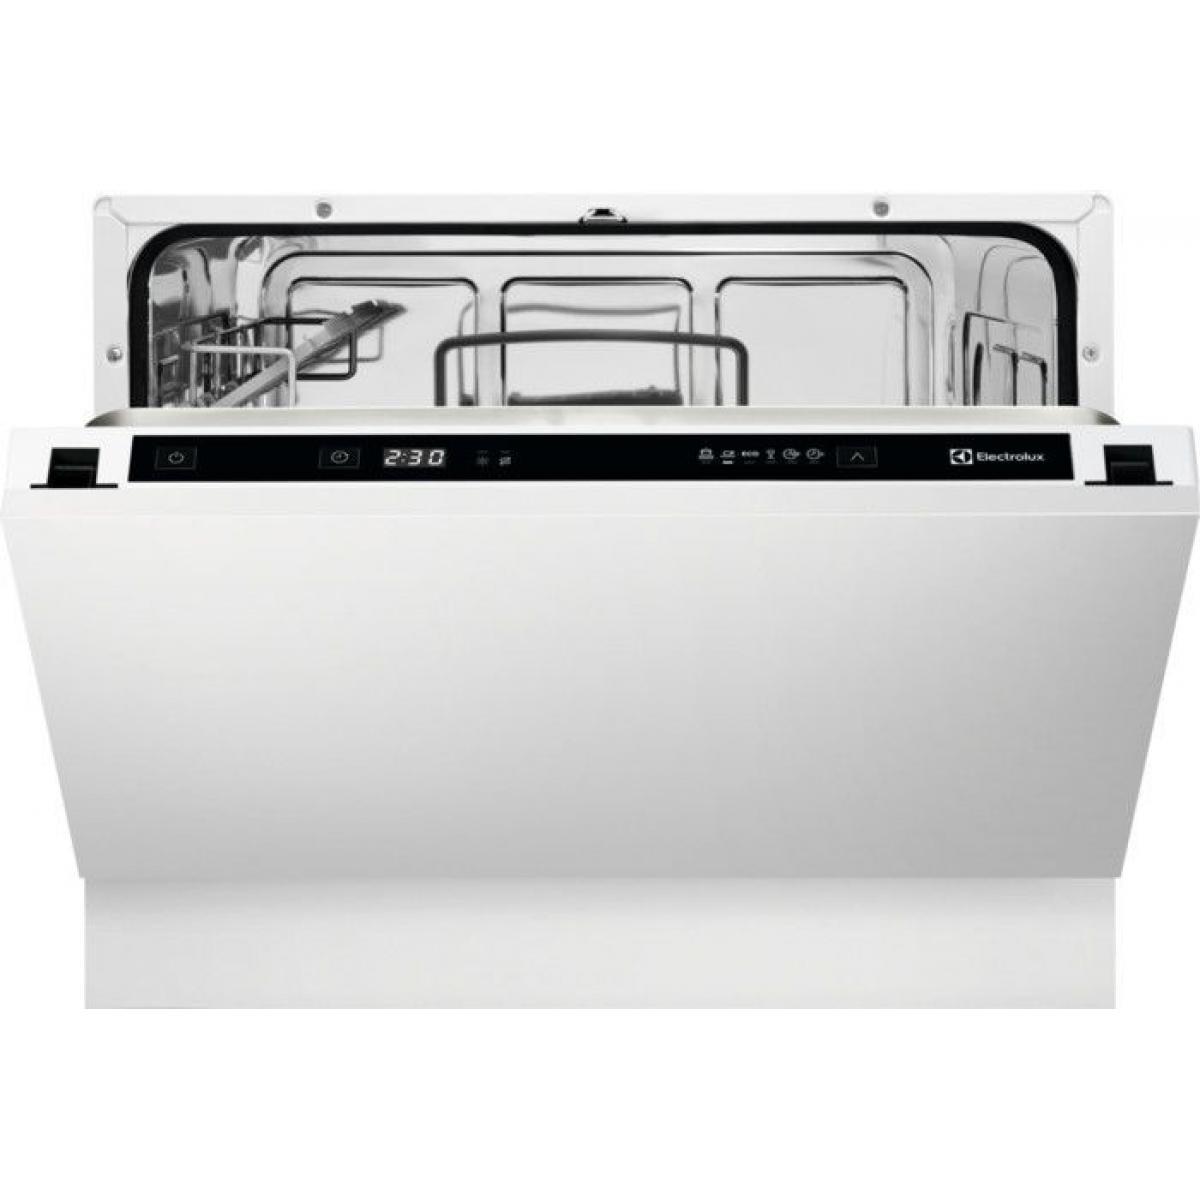 Electrolux Lave-vaisselle encastrable ELECTROLUX, ESL 2500 RO